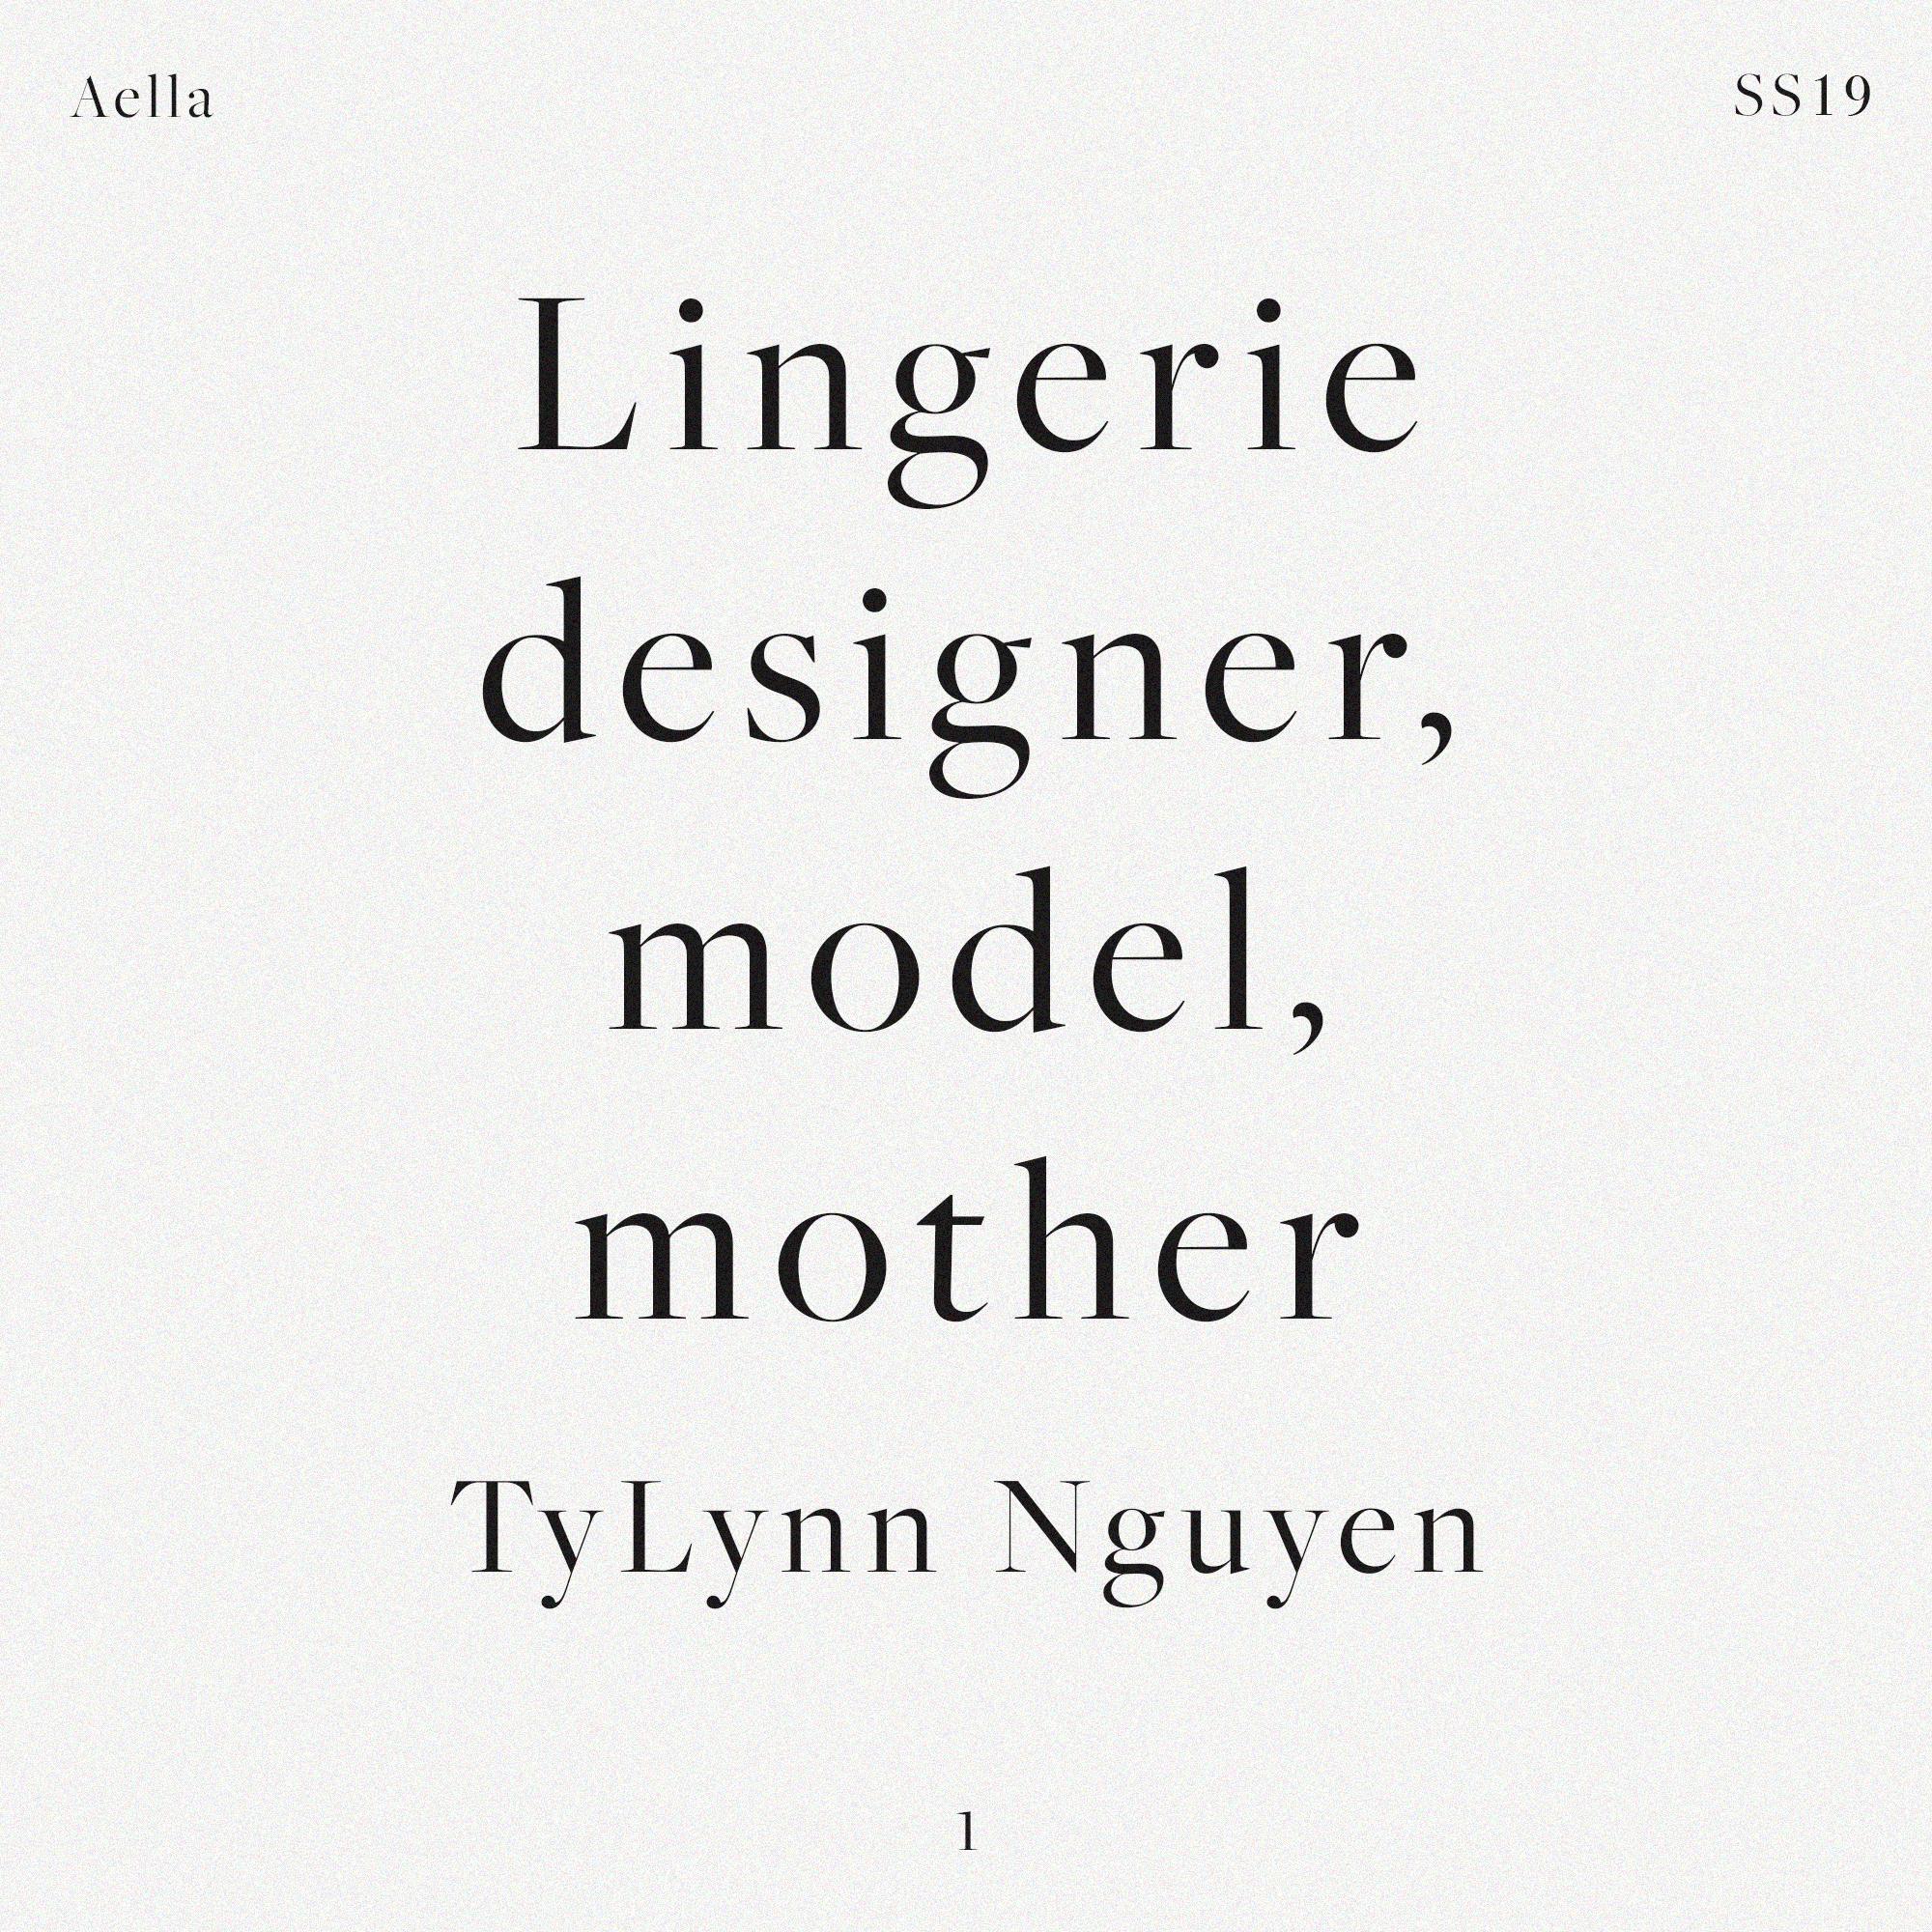 Aella_TyLynnNguyen_IG_V2_b_2.jpg